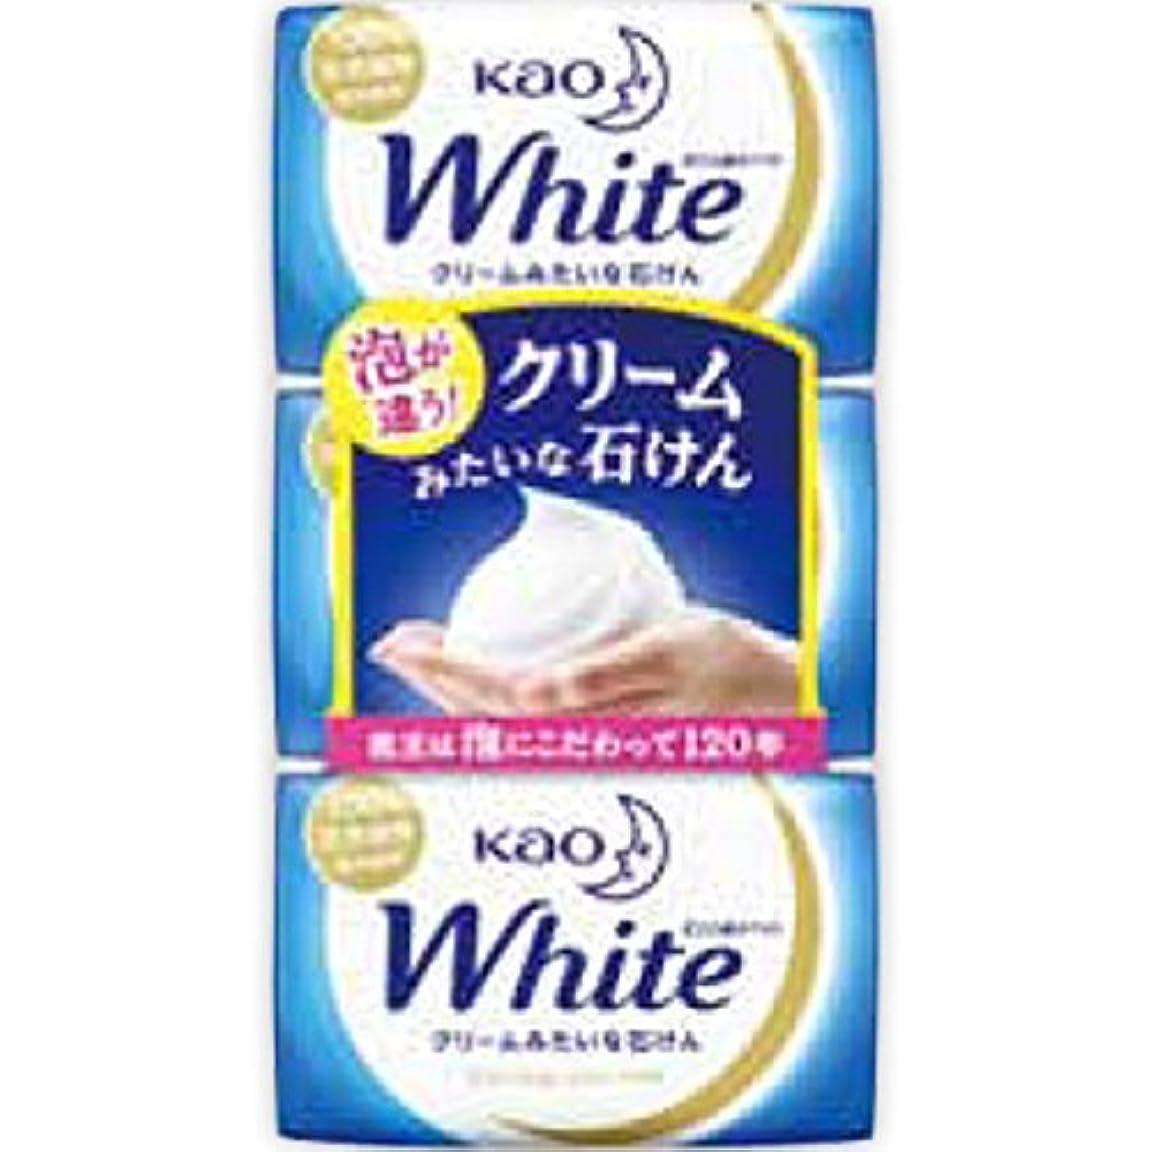 隔離やさしい帝国花王ホワイト レギュラーサイズ 85g*3個入